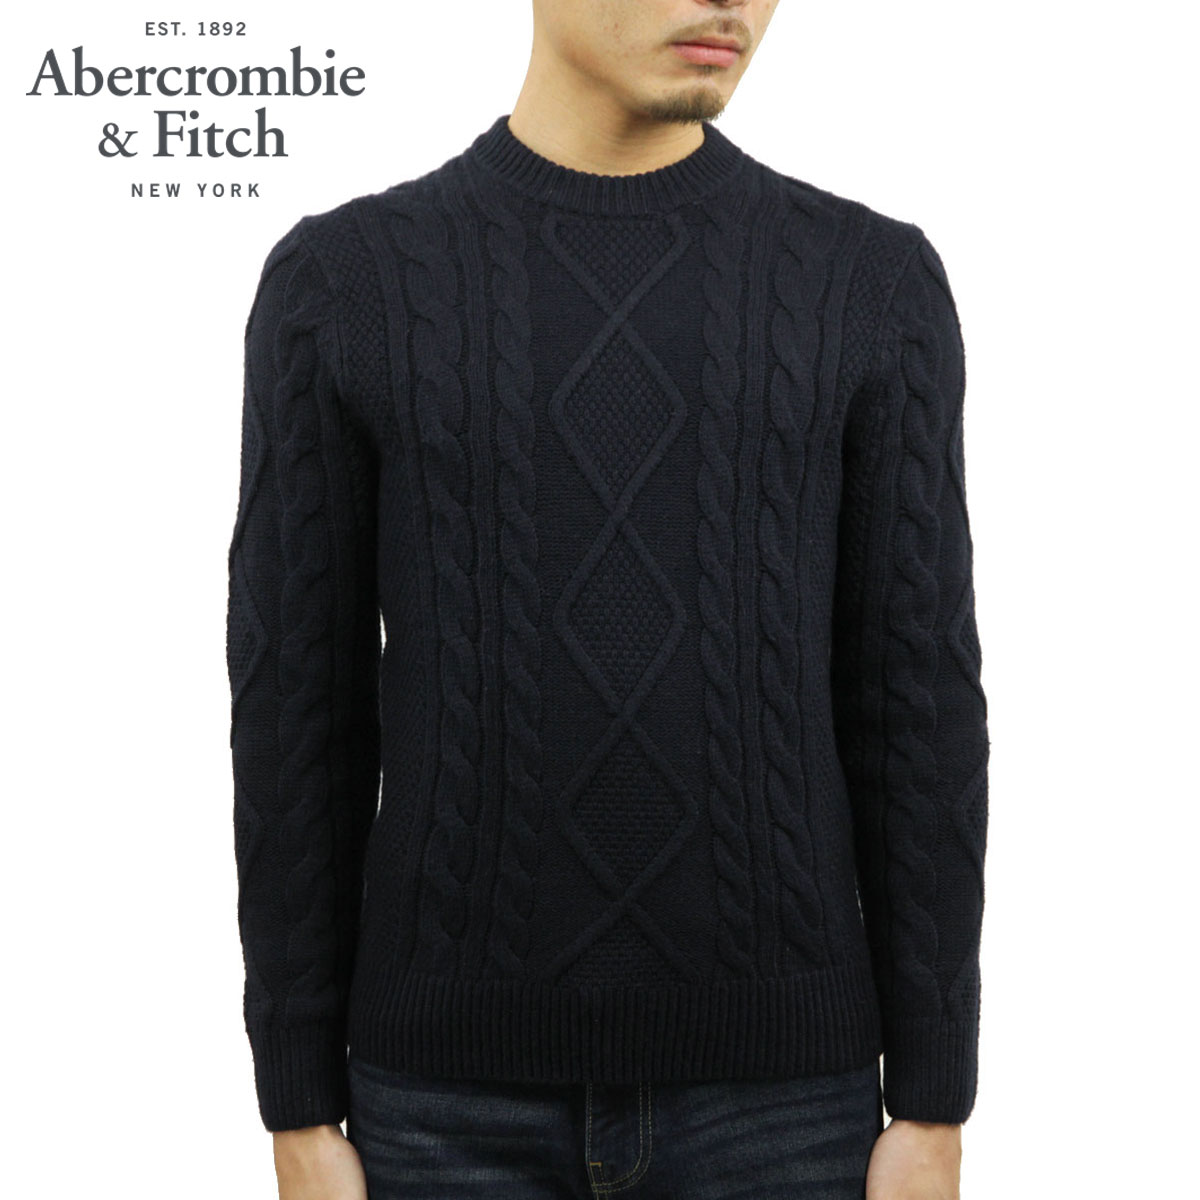 アバクロ セーター メンズ 正規品 Abercrombie&Fitch クルーネックセーター CREWNECK SWEATER 120-201-1631-200